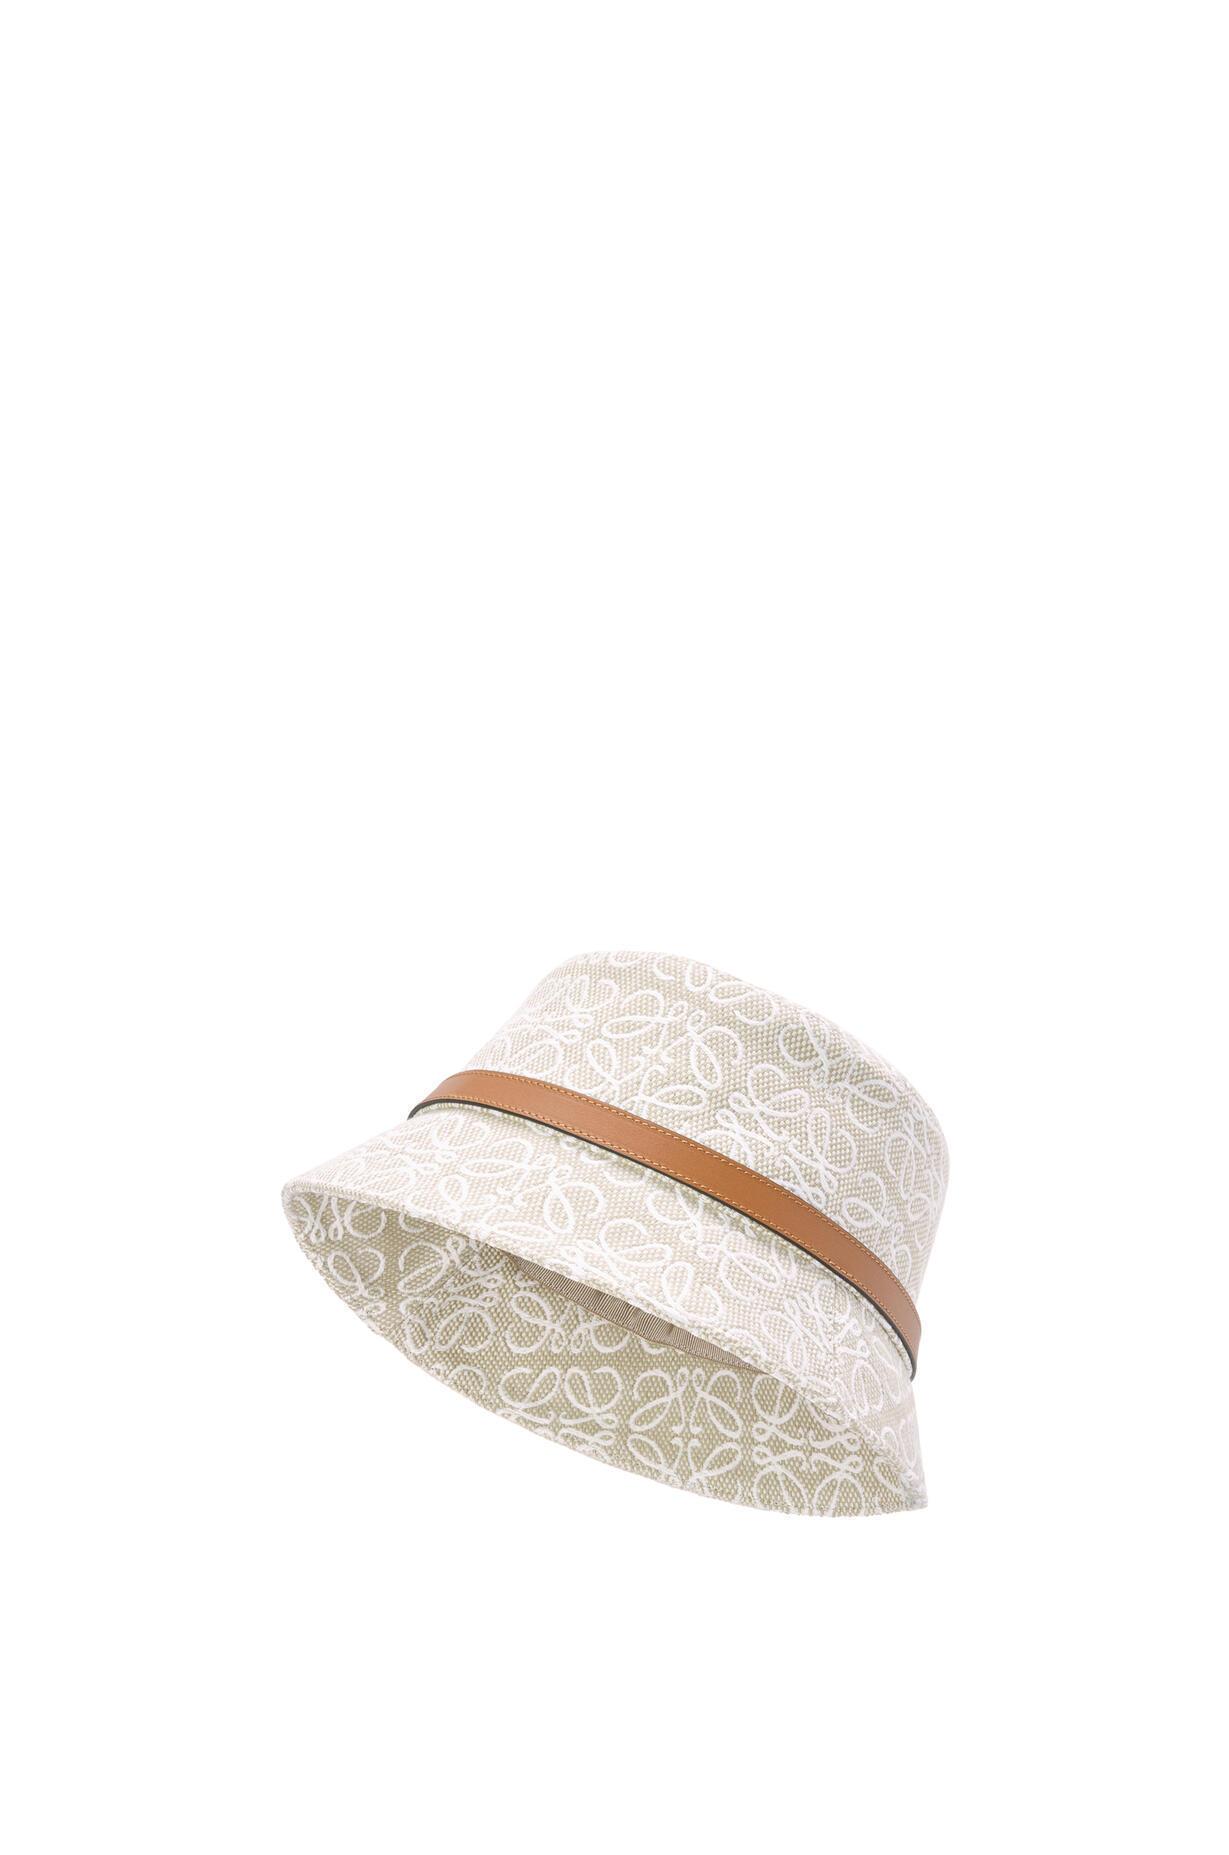 LOEWE LOEWE☆Bucket hat in Anagram jacquard and calfskin☆K820HB1X05